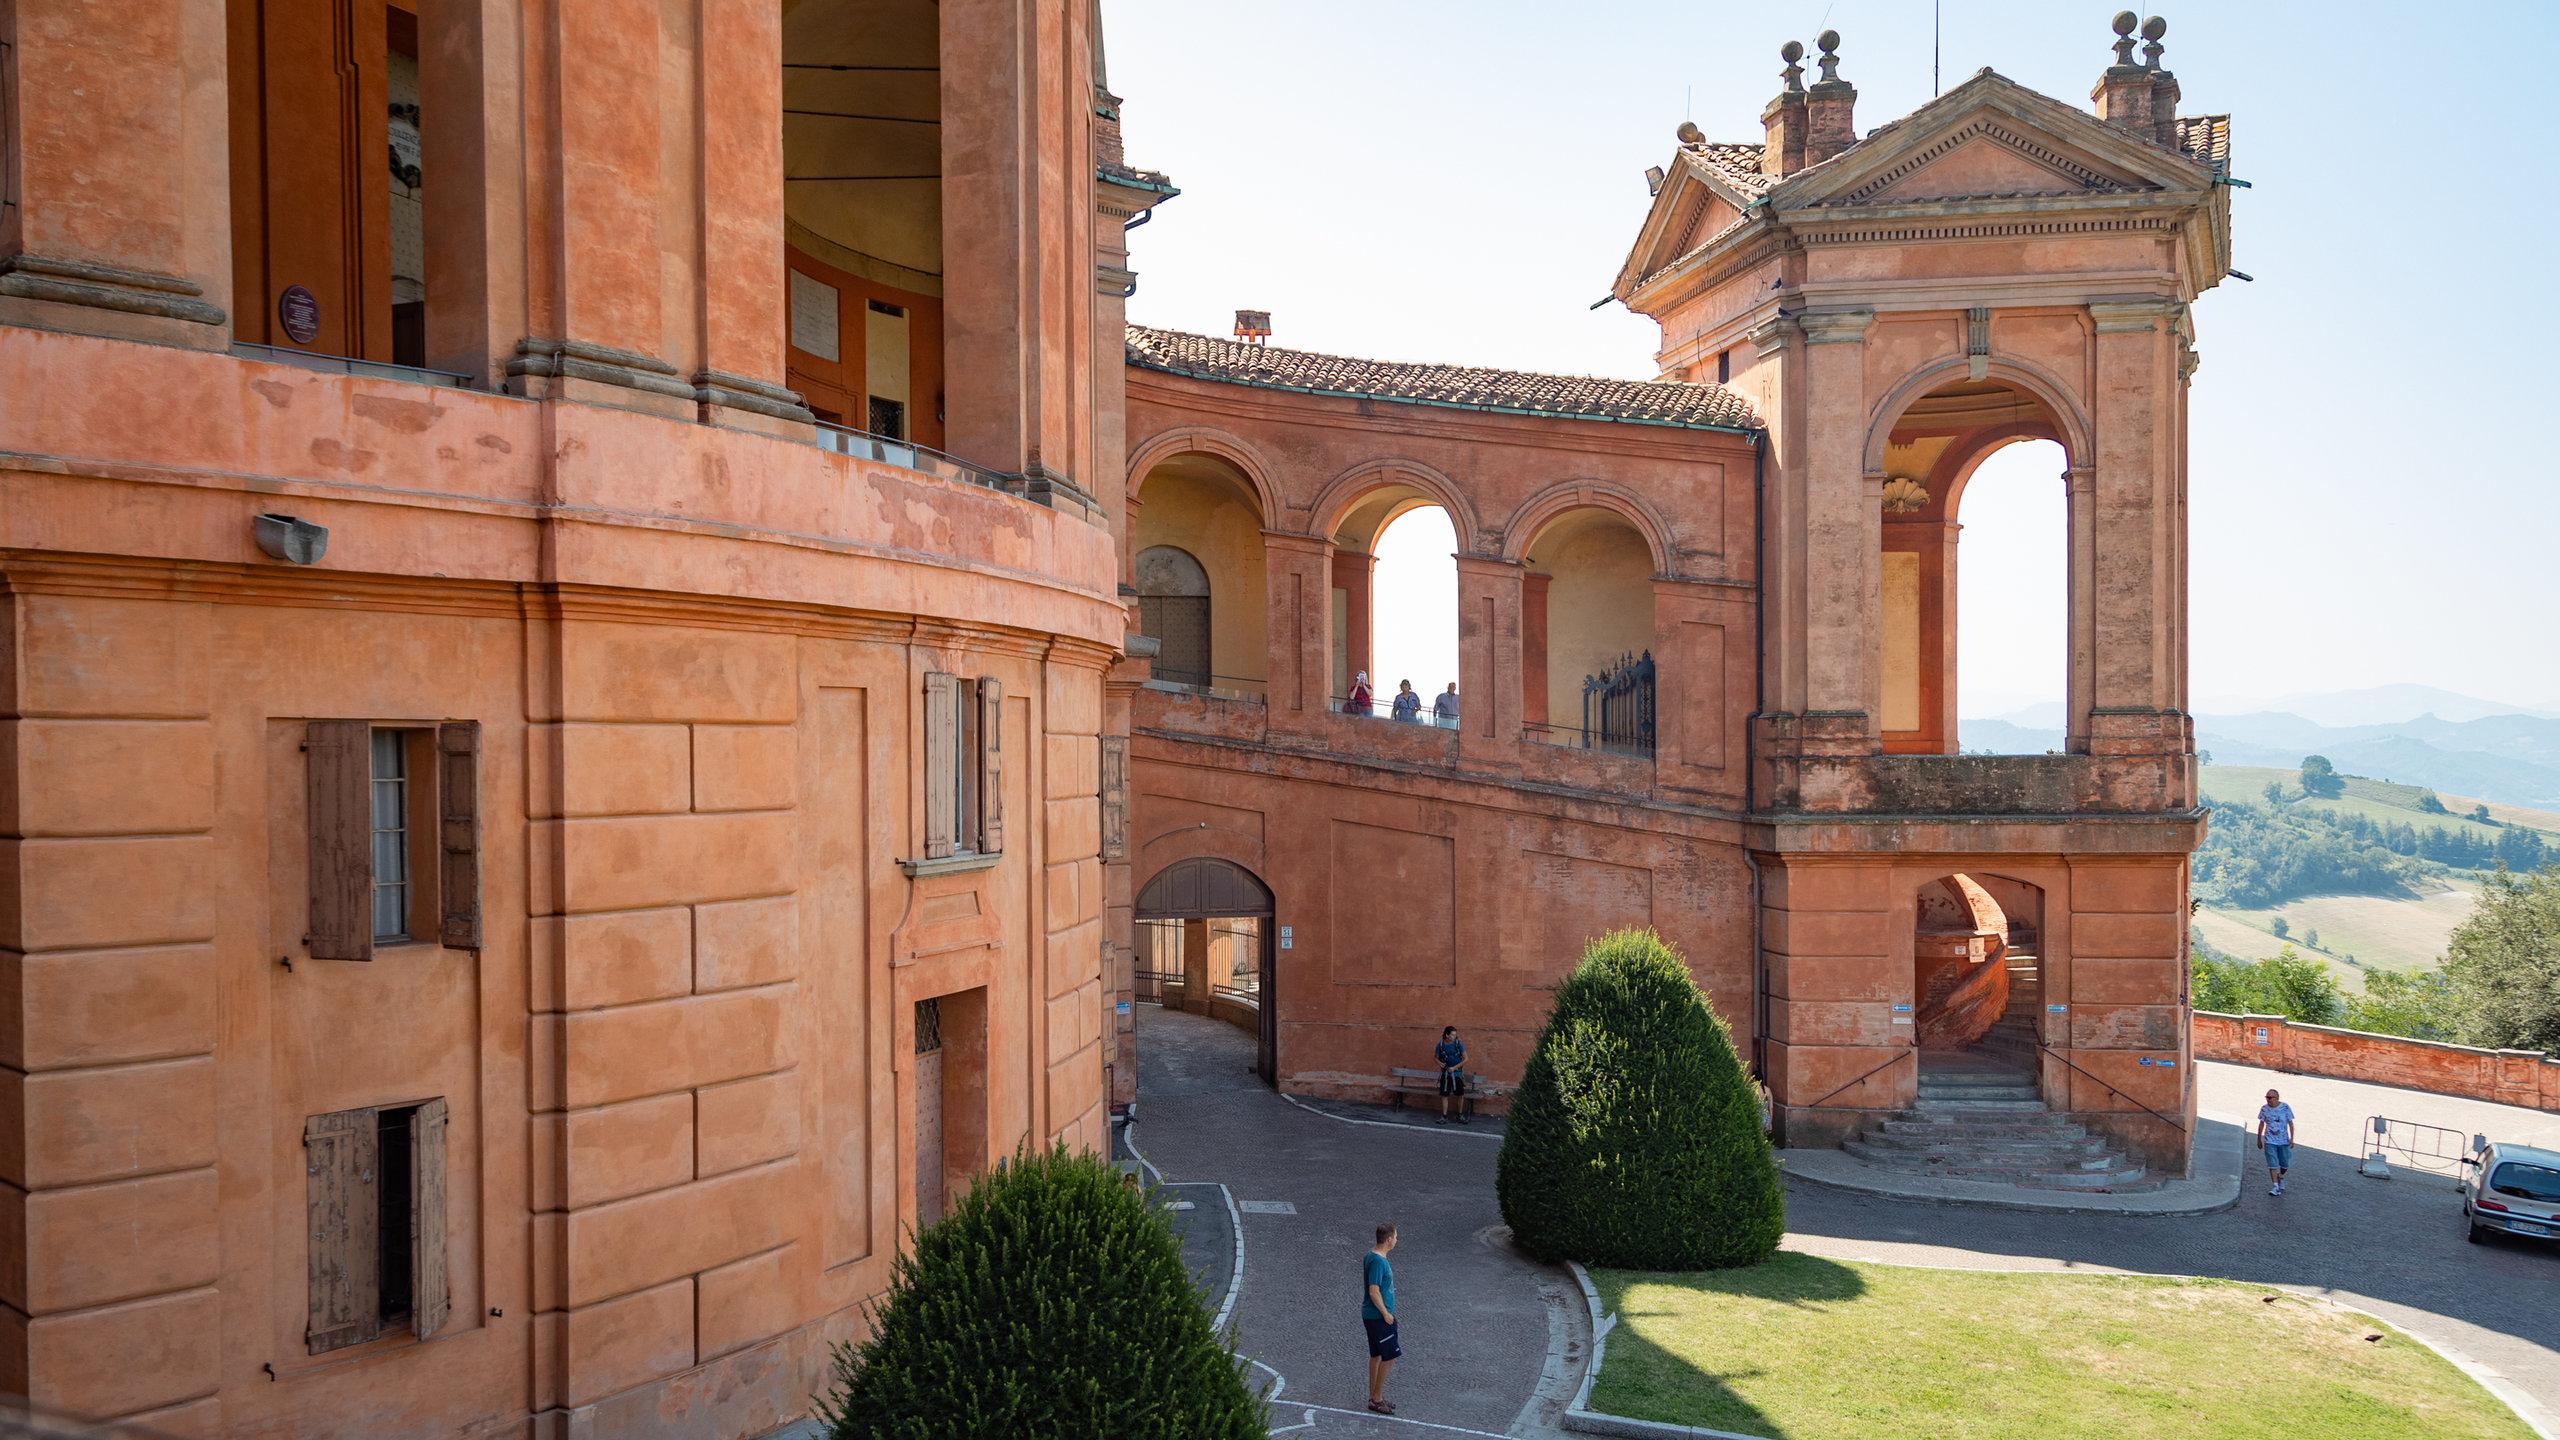 Percorrete il portico più lungo del mondo per raggiungere questa fantastica chiesa e ammirare alcuni dei panorami più belli di Bologna e della campagna circostante.